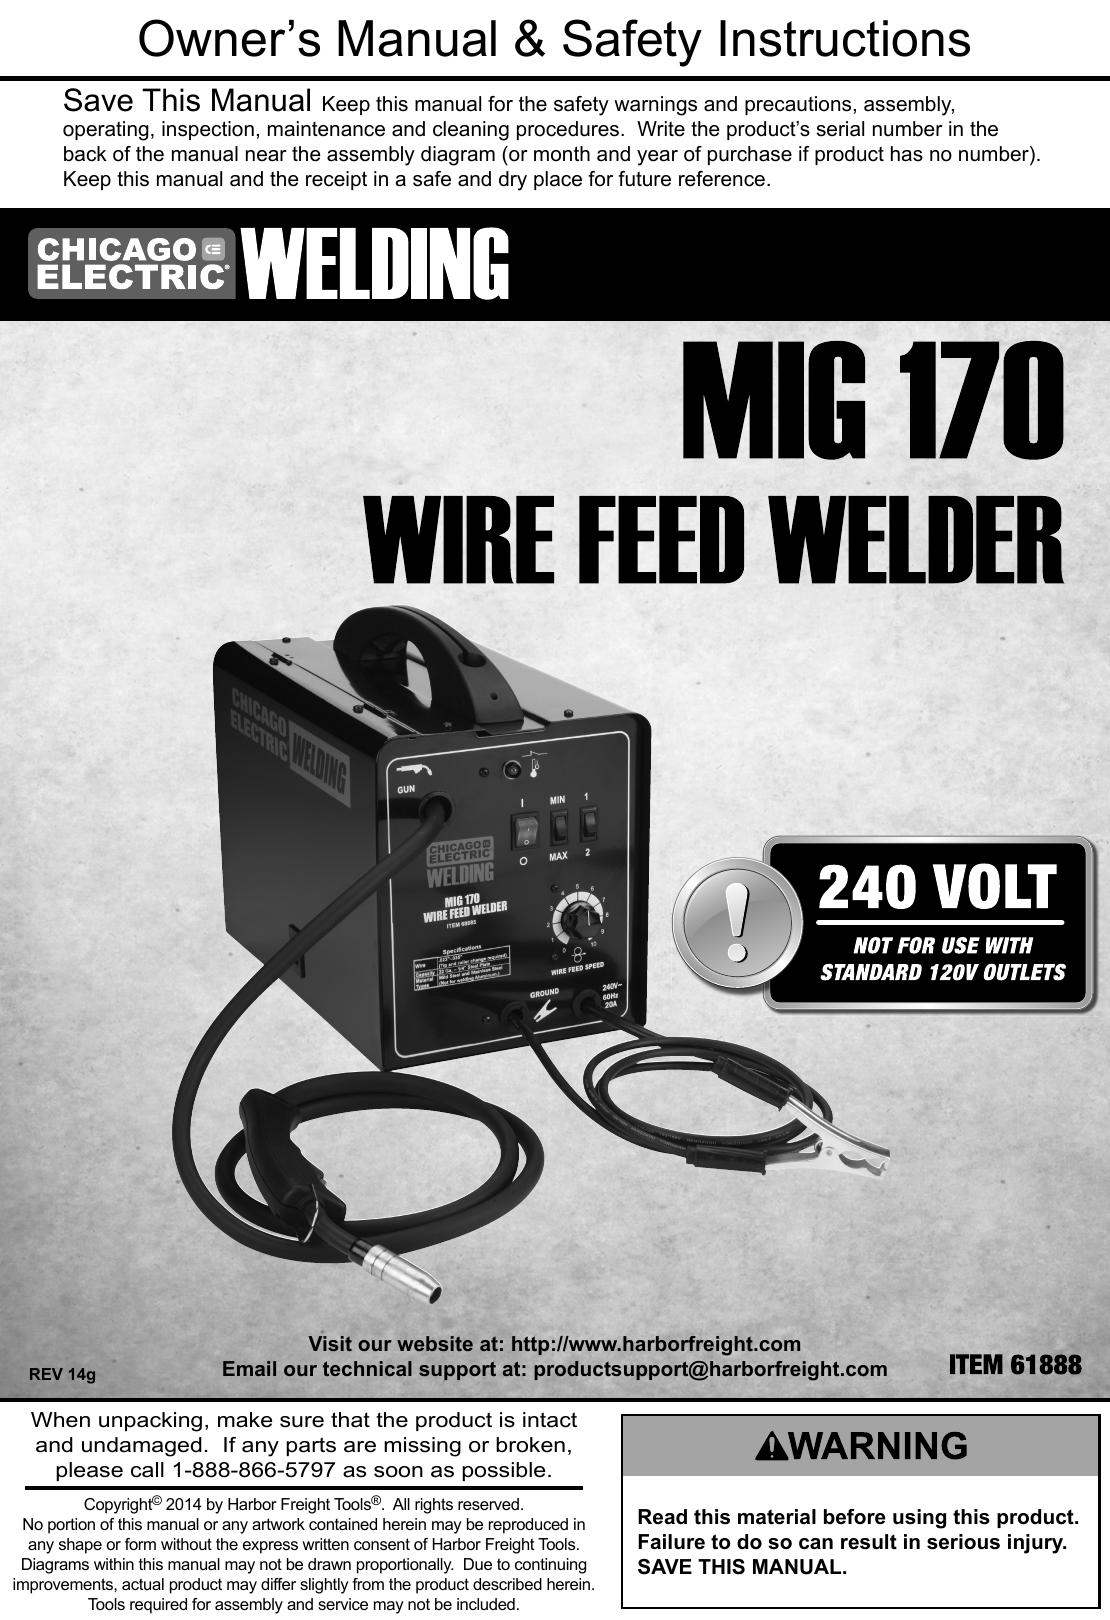 Manual For The 61888 170 Amp DC, 240 Volt, MIG/Flux Cored Welder